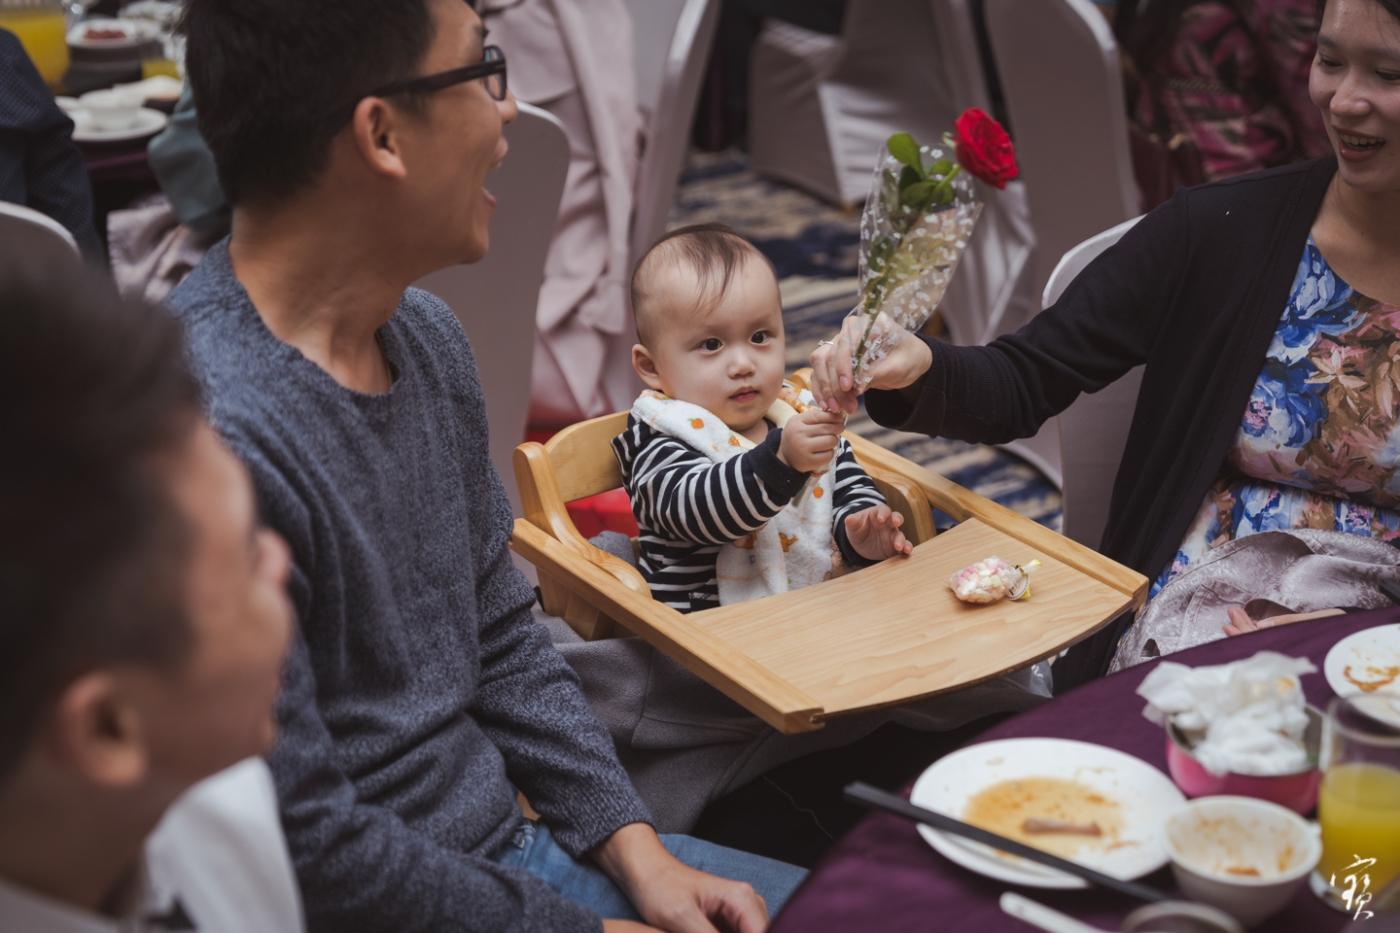 桃園婚禮 晶麒莊園 婚禮攝影 攝影師大寶 北部攝影 桃園攝影 新竹攝影 台北攝影 婚攝 早儀晚宴 1071014-91